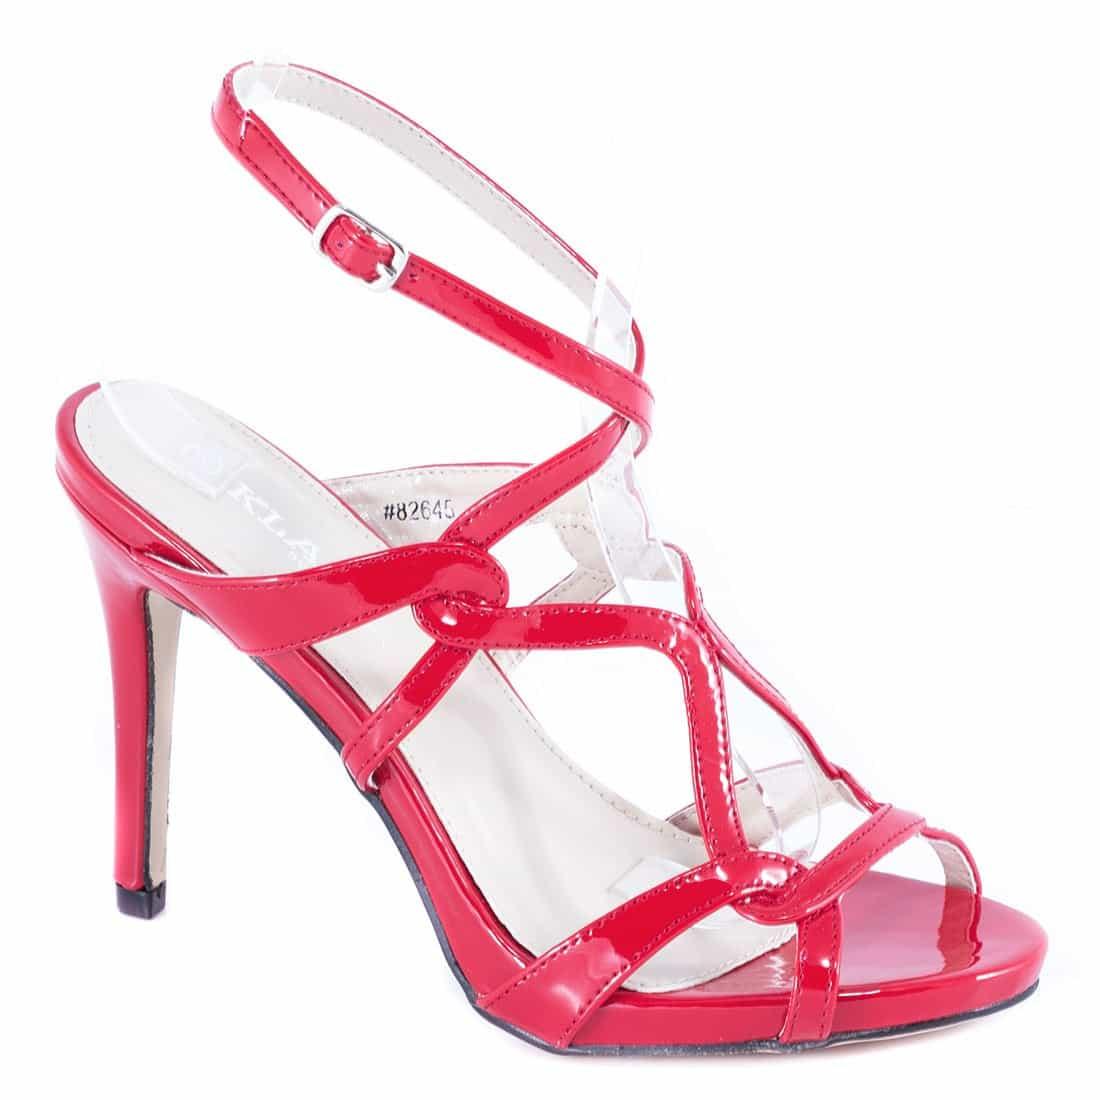 Sandale dama rosii cu toc 82645R